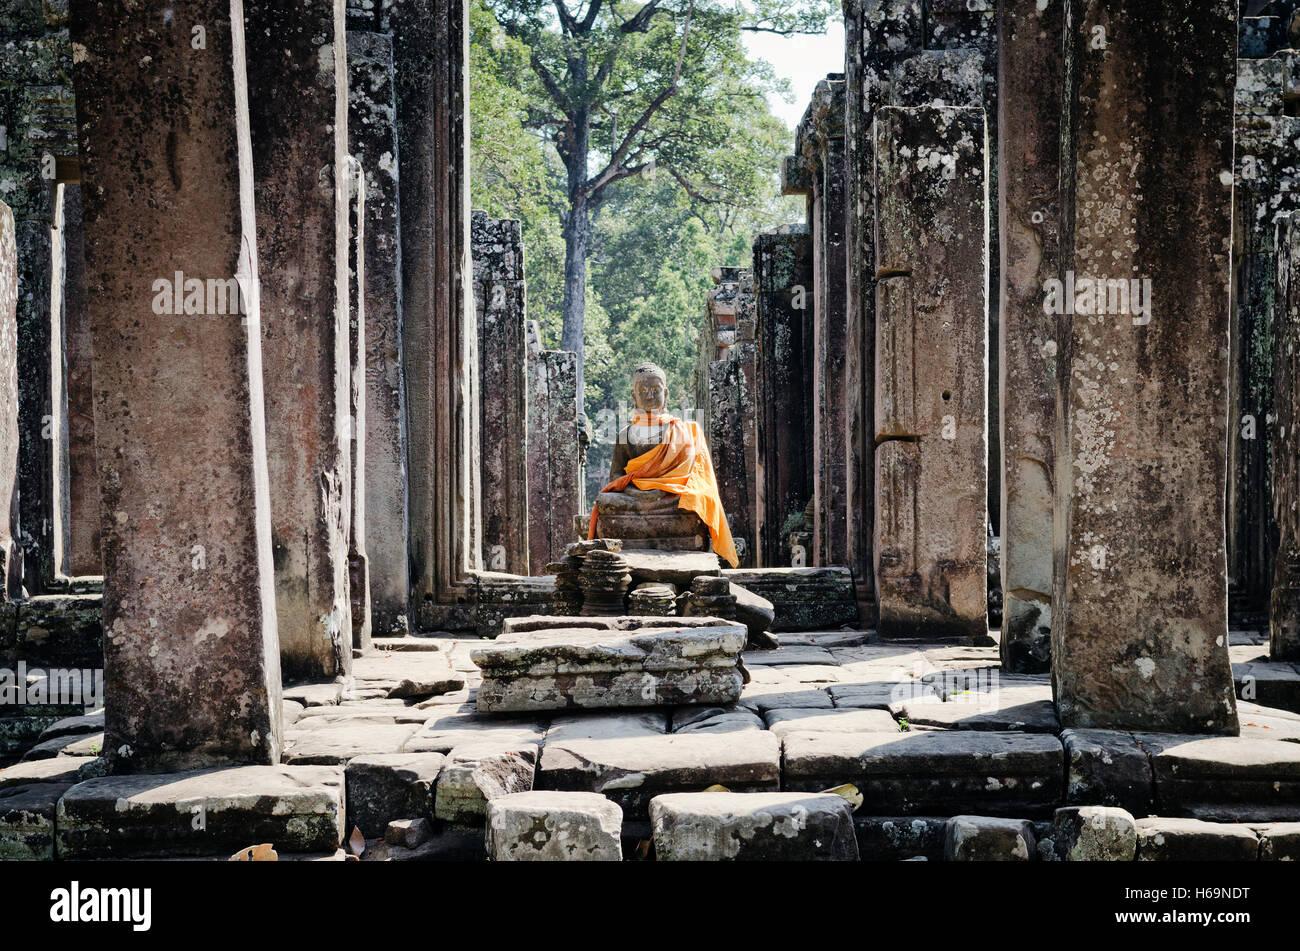 La antigua estatua de Buda de Camboya en el famoso templo de Angkor Wat en Siem Reap, Camboya Imagen De Stock